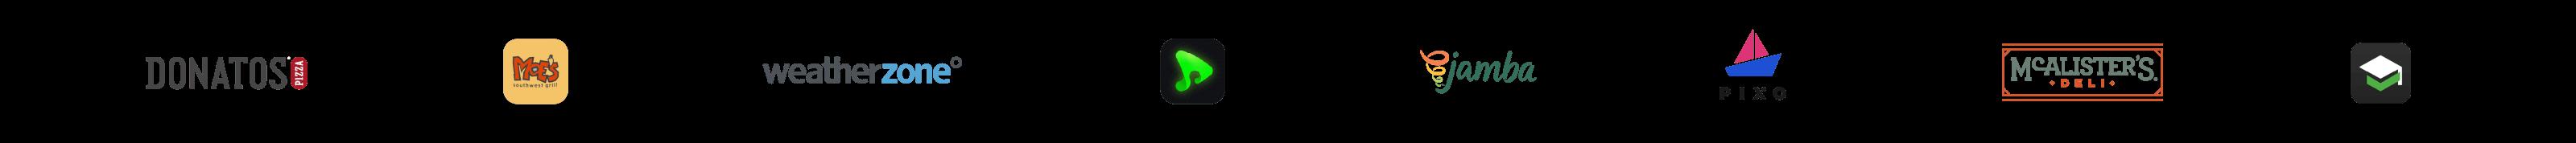 FAA Client Logo Banner